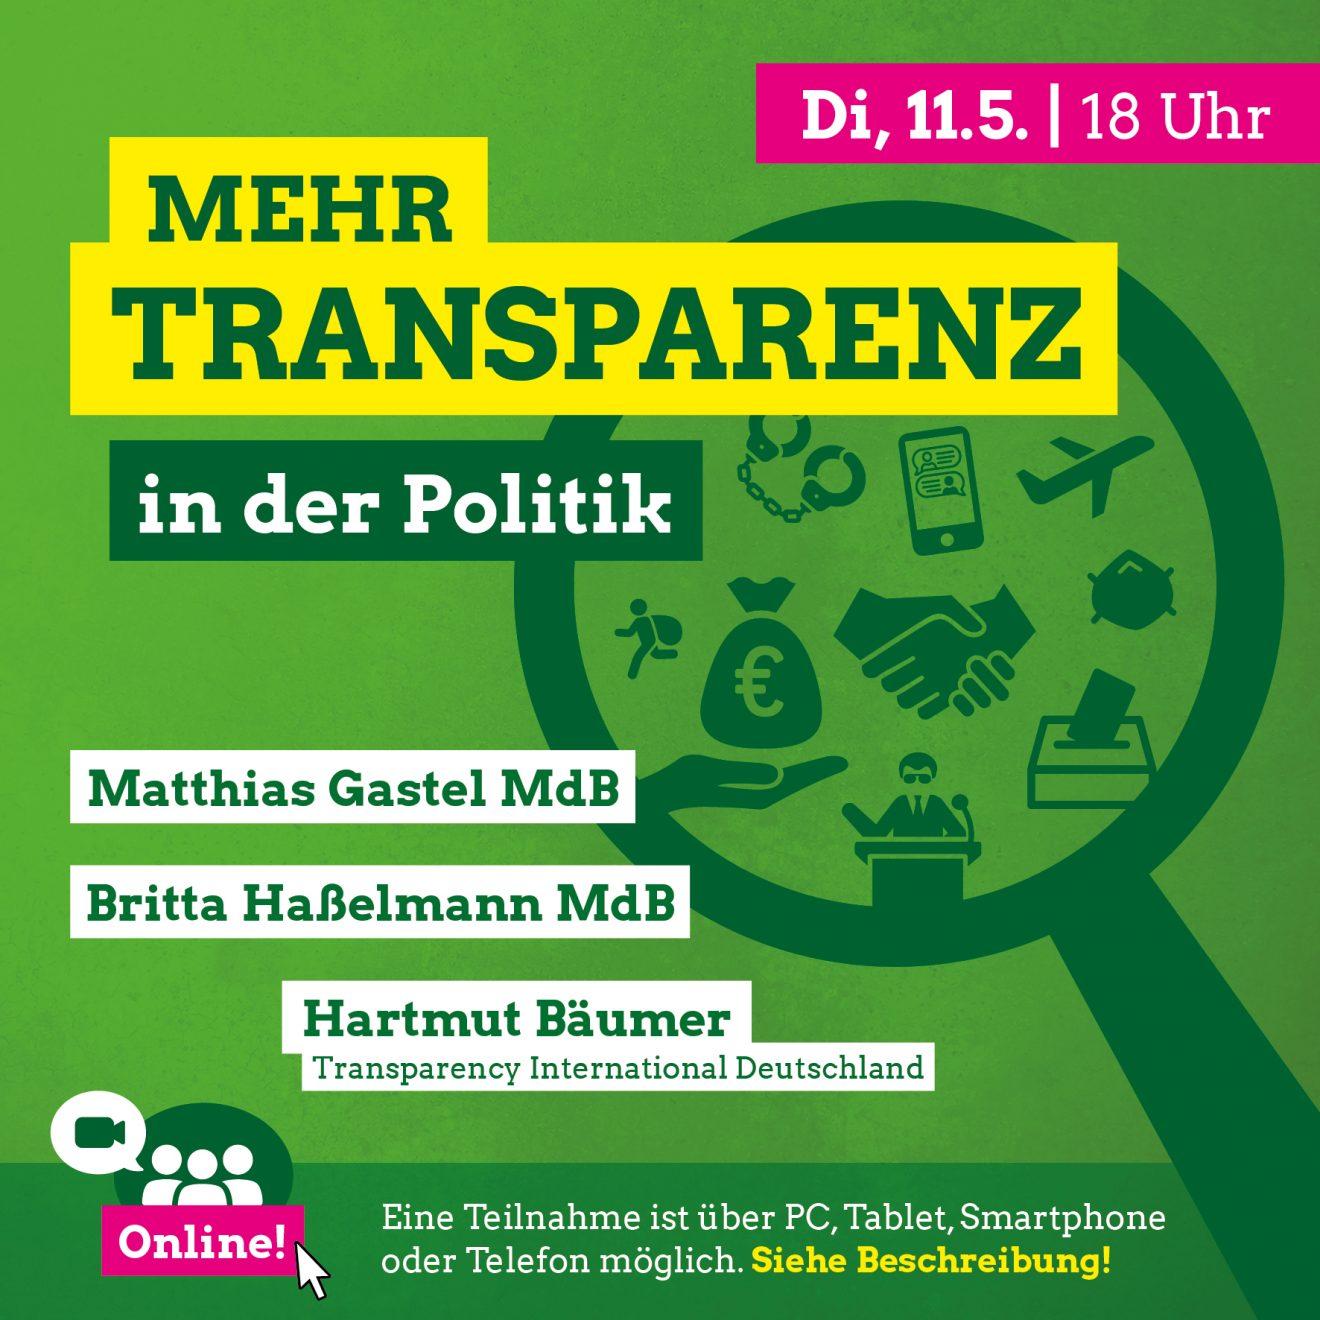 Sharepic_transparenz 11.05